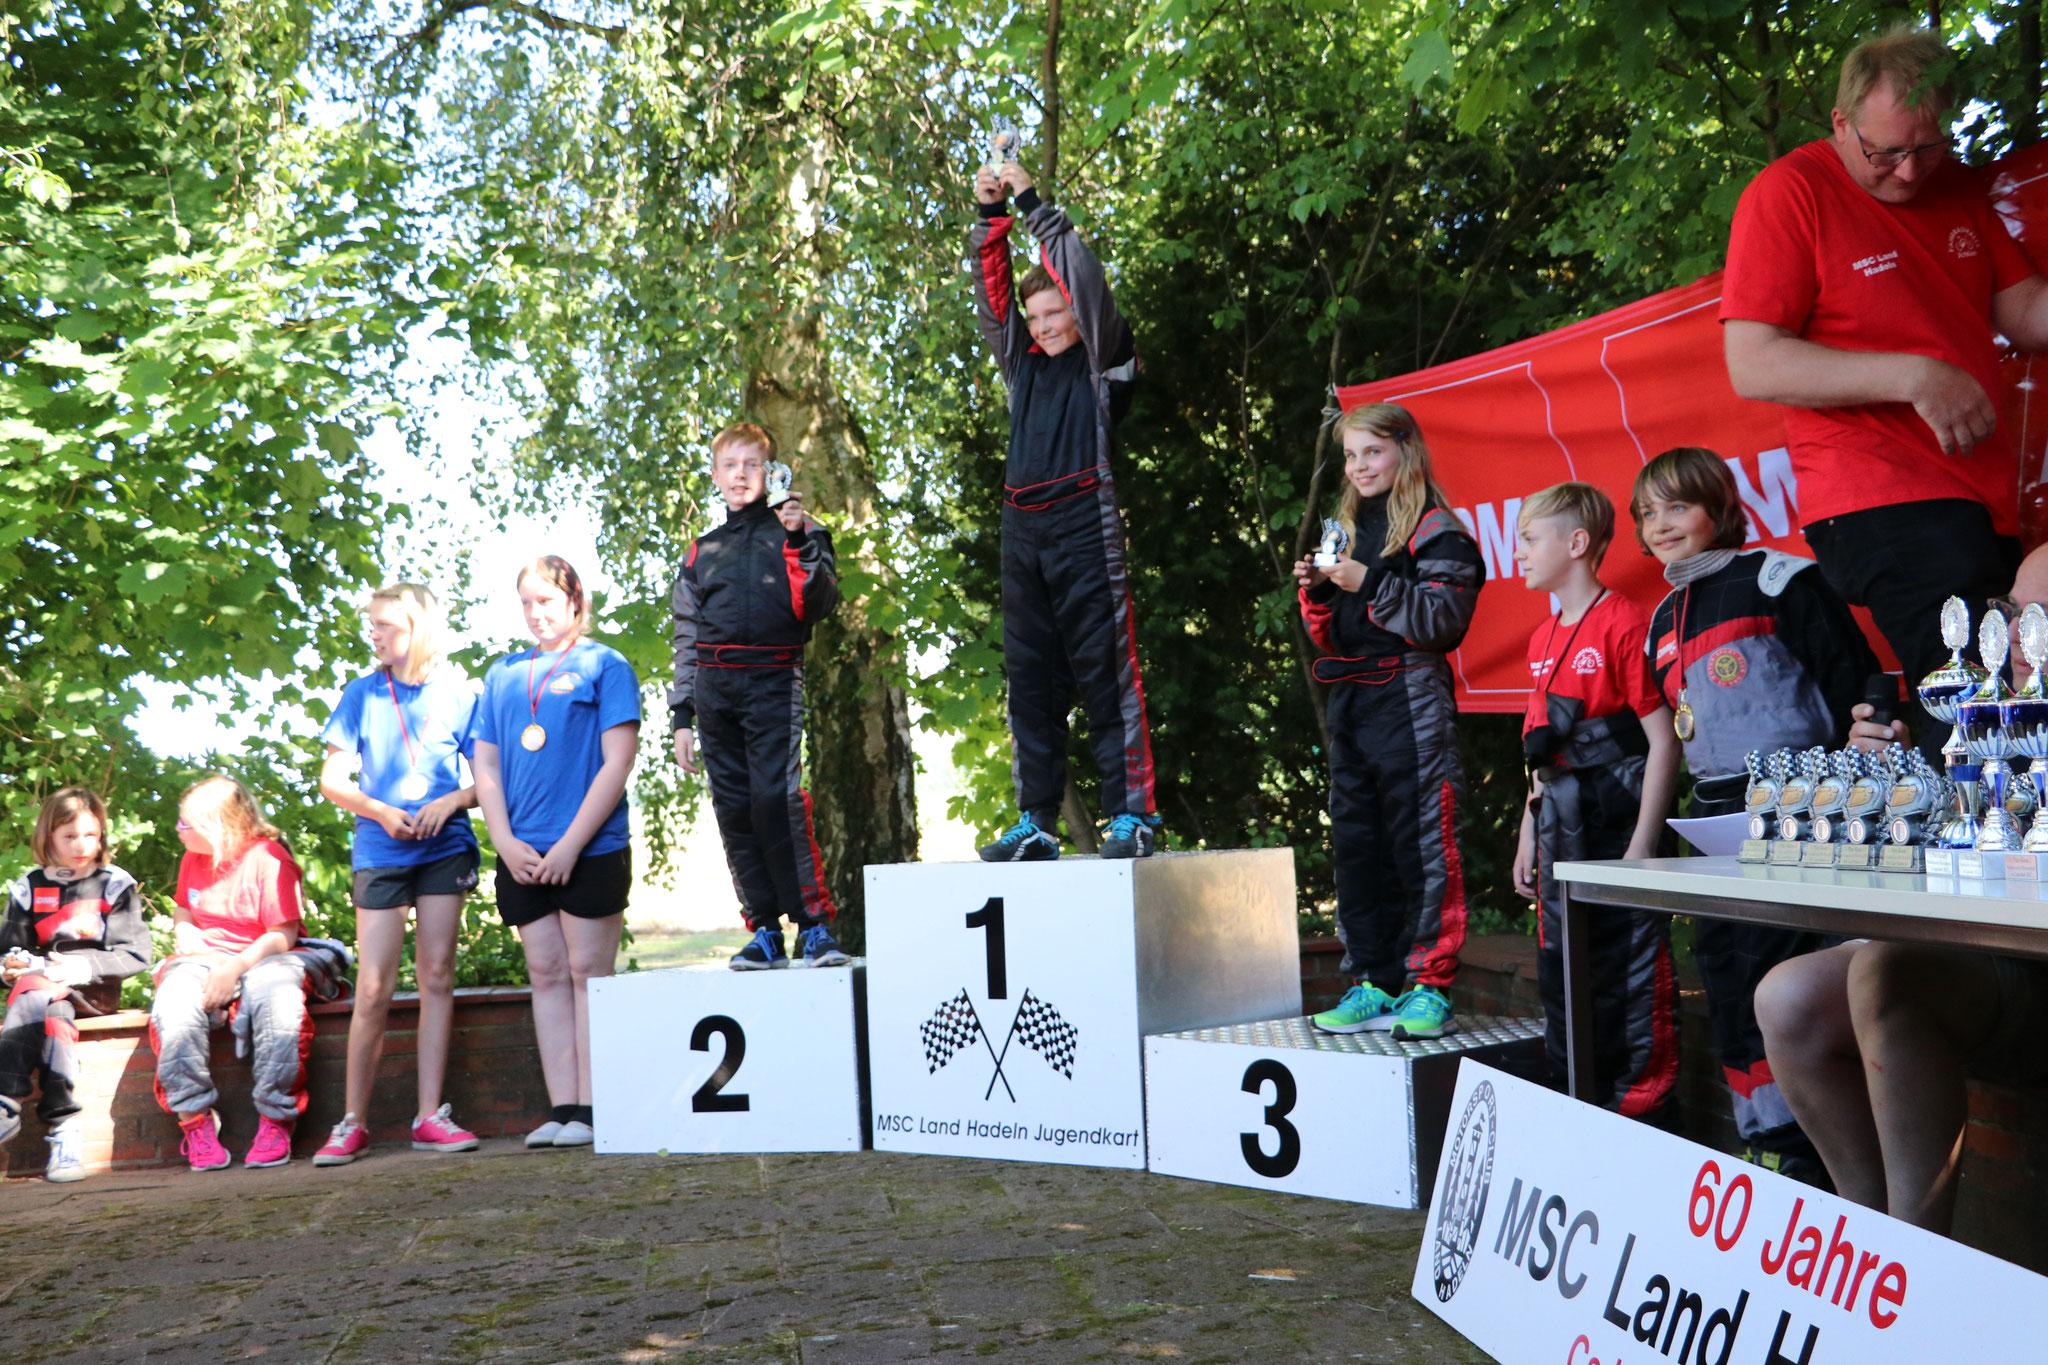 Êin Dreifachsieg in Klasse 2 für Luca Finn Hadeler (Platz 1), Justin Reimers (Platz 2) und Lena Altmann (Platz 3). Lars von Holt verpasste knapp das Treppchen